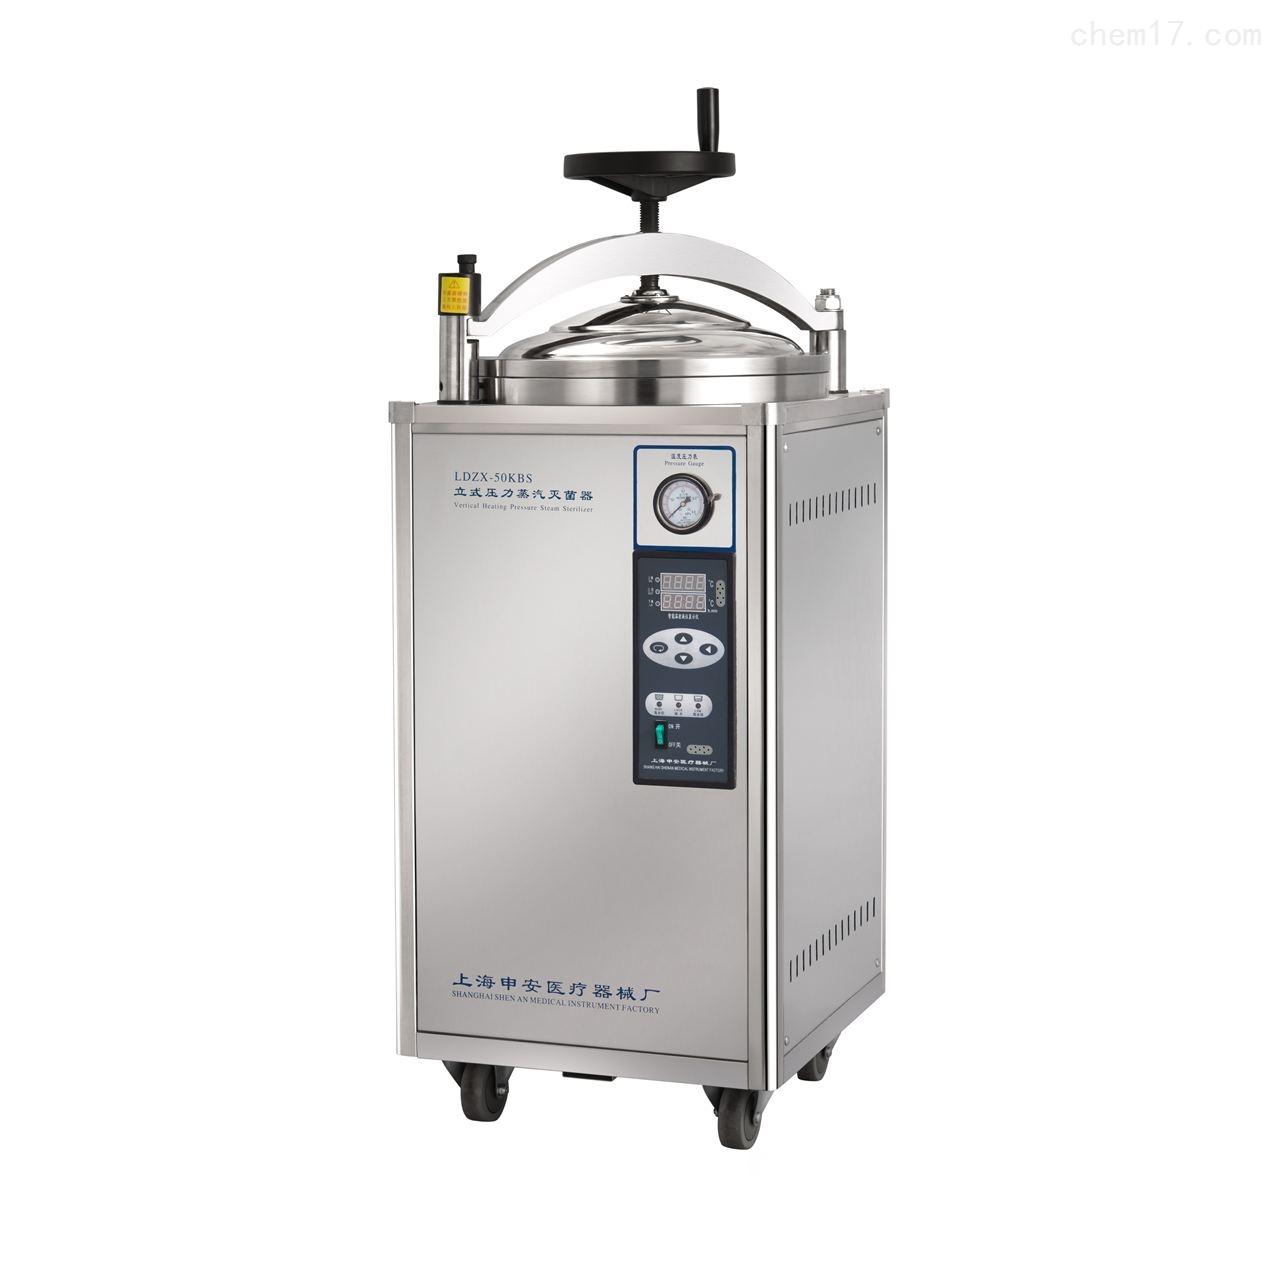 50L立式压力蒸汽灭菌器LDZX-50KBS